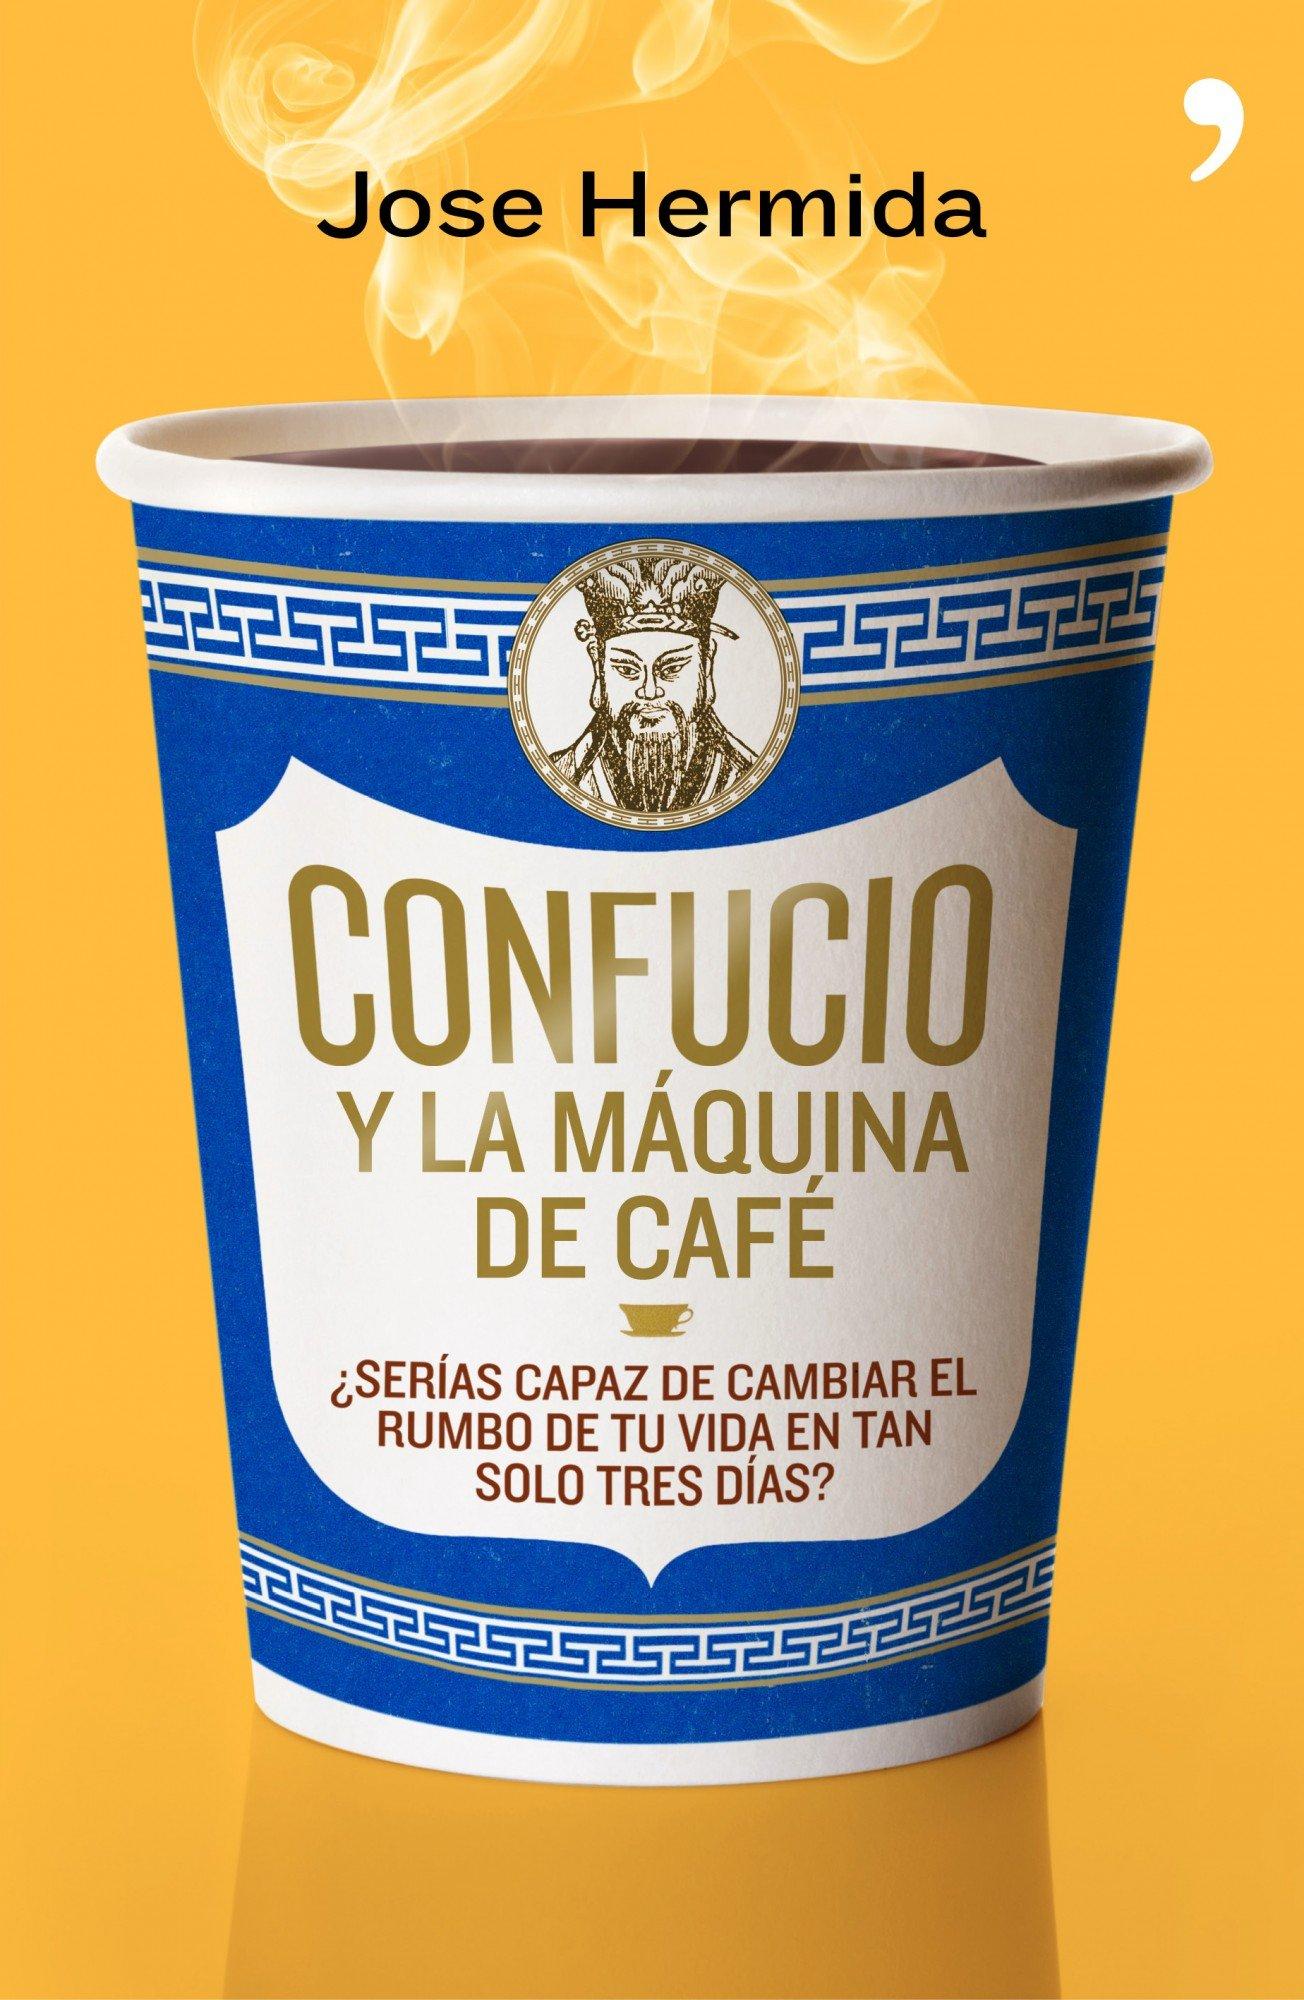 Confucio y la máquina de café (Spanish) Paperback – February 2, 2012